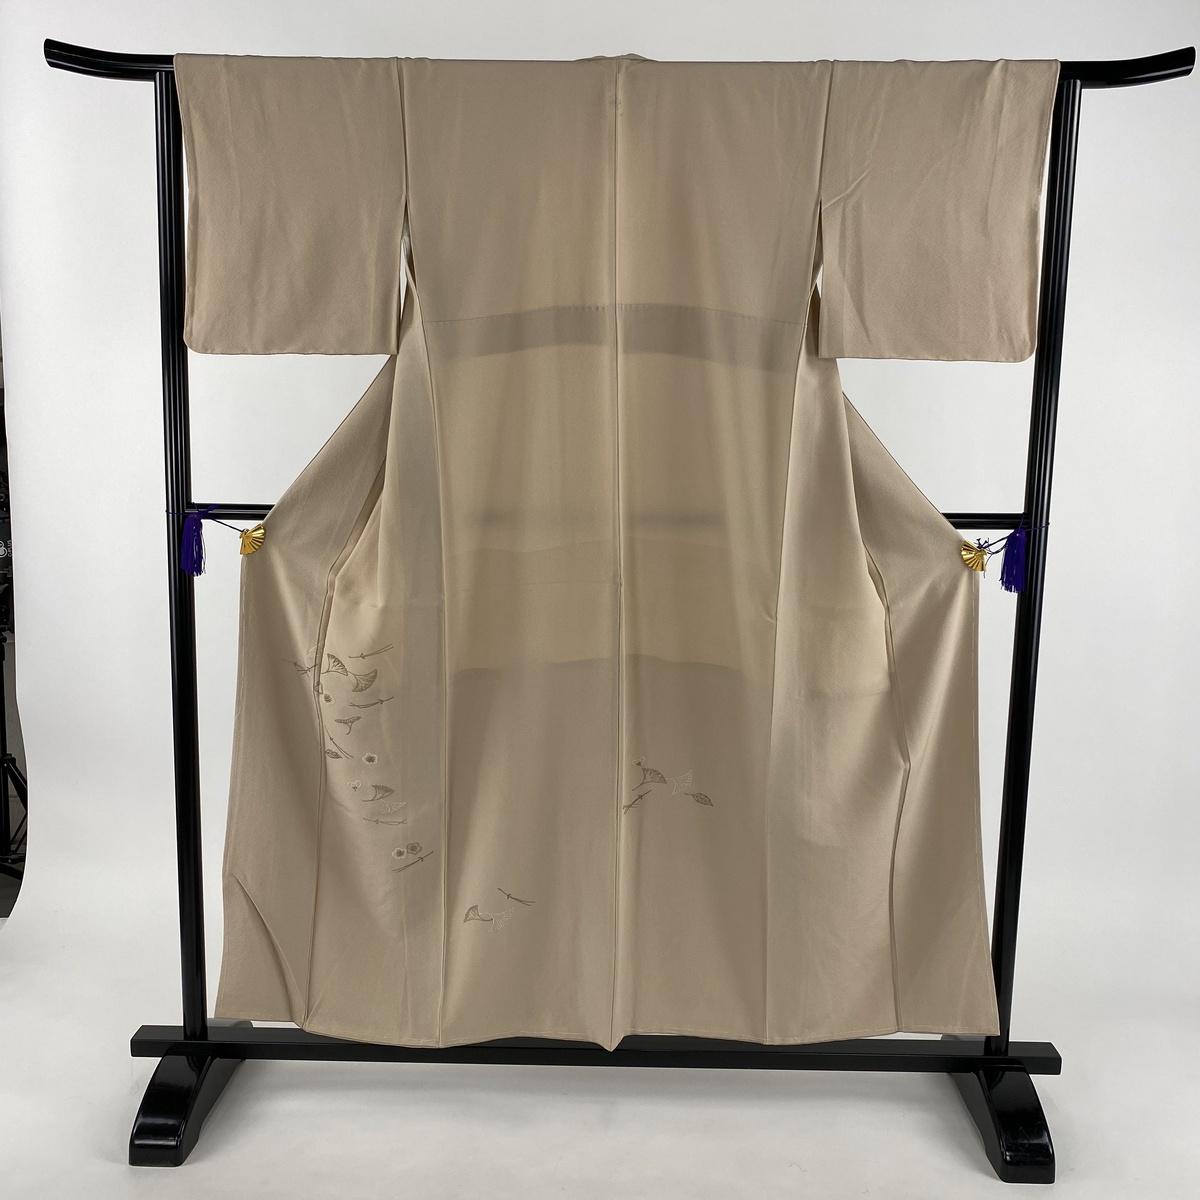 付下げ 美品 秀品 一つ紋 吹き寄せ 相良刺繍 ベージュ 袷 身丈154cm 裄丈63.5cm S 正絹 【中古】